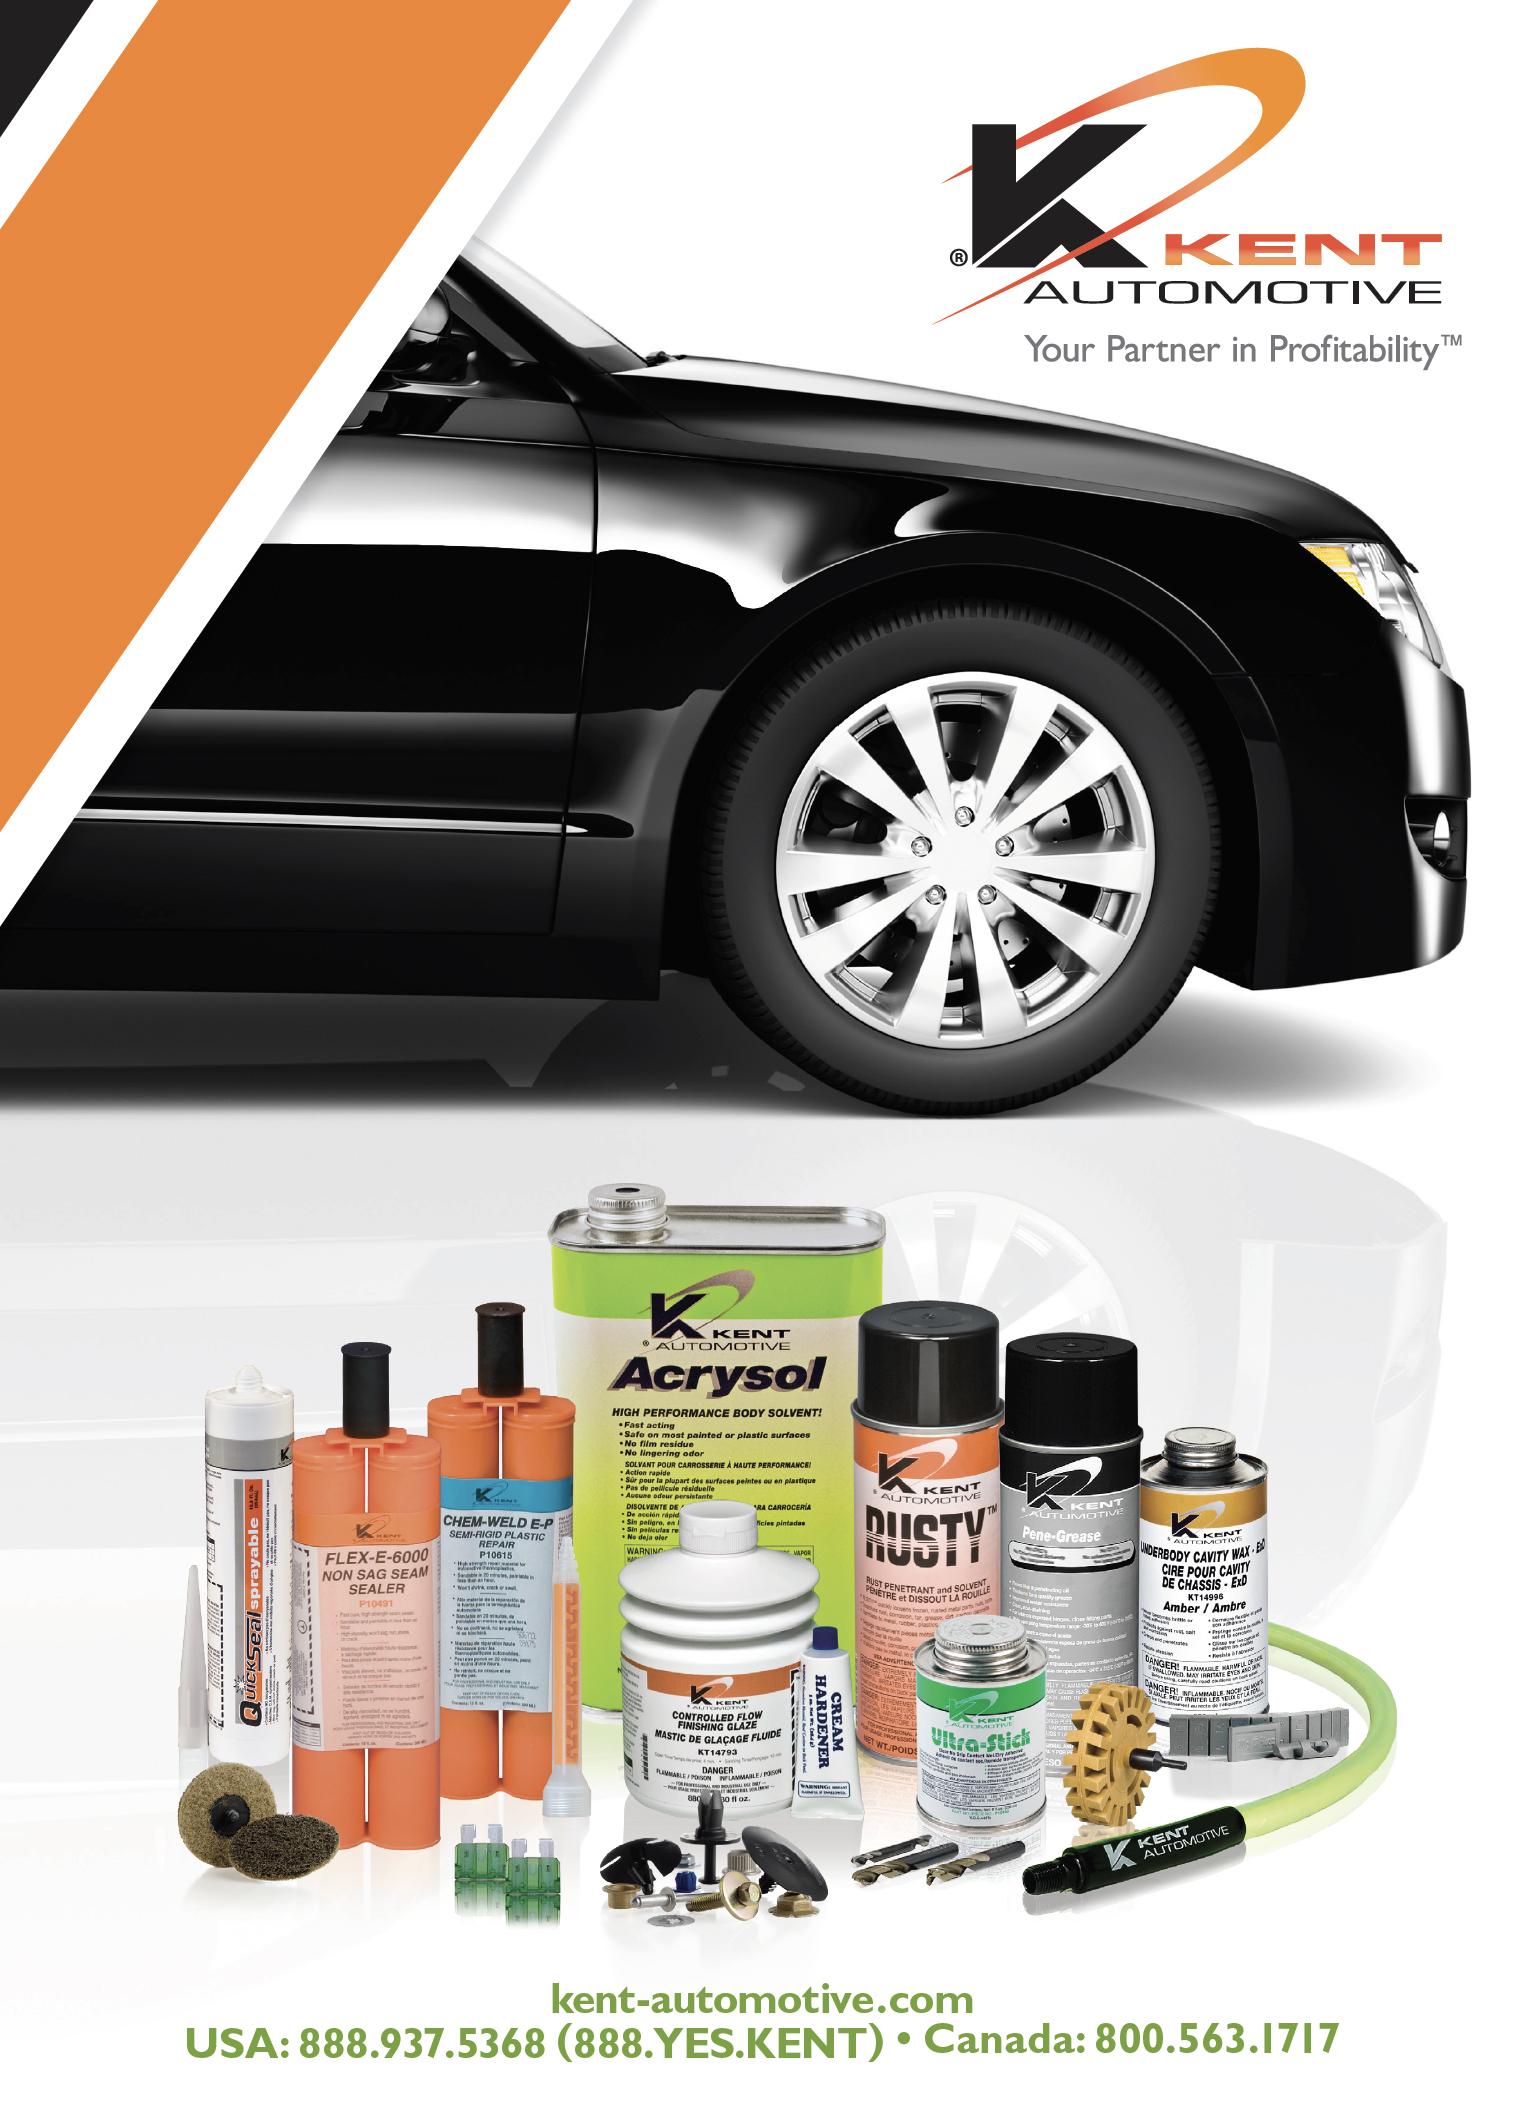 Kent Automotive Catalog Cover